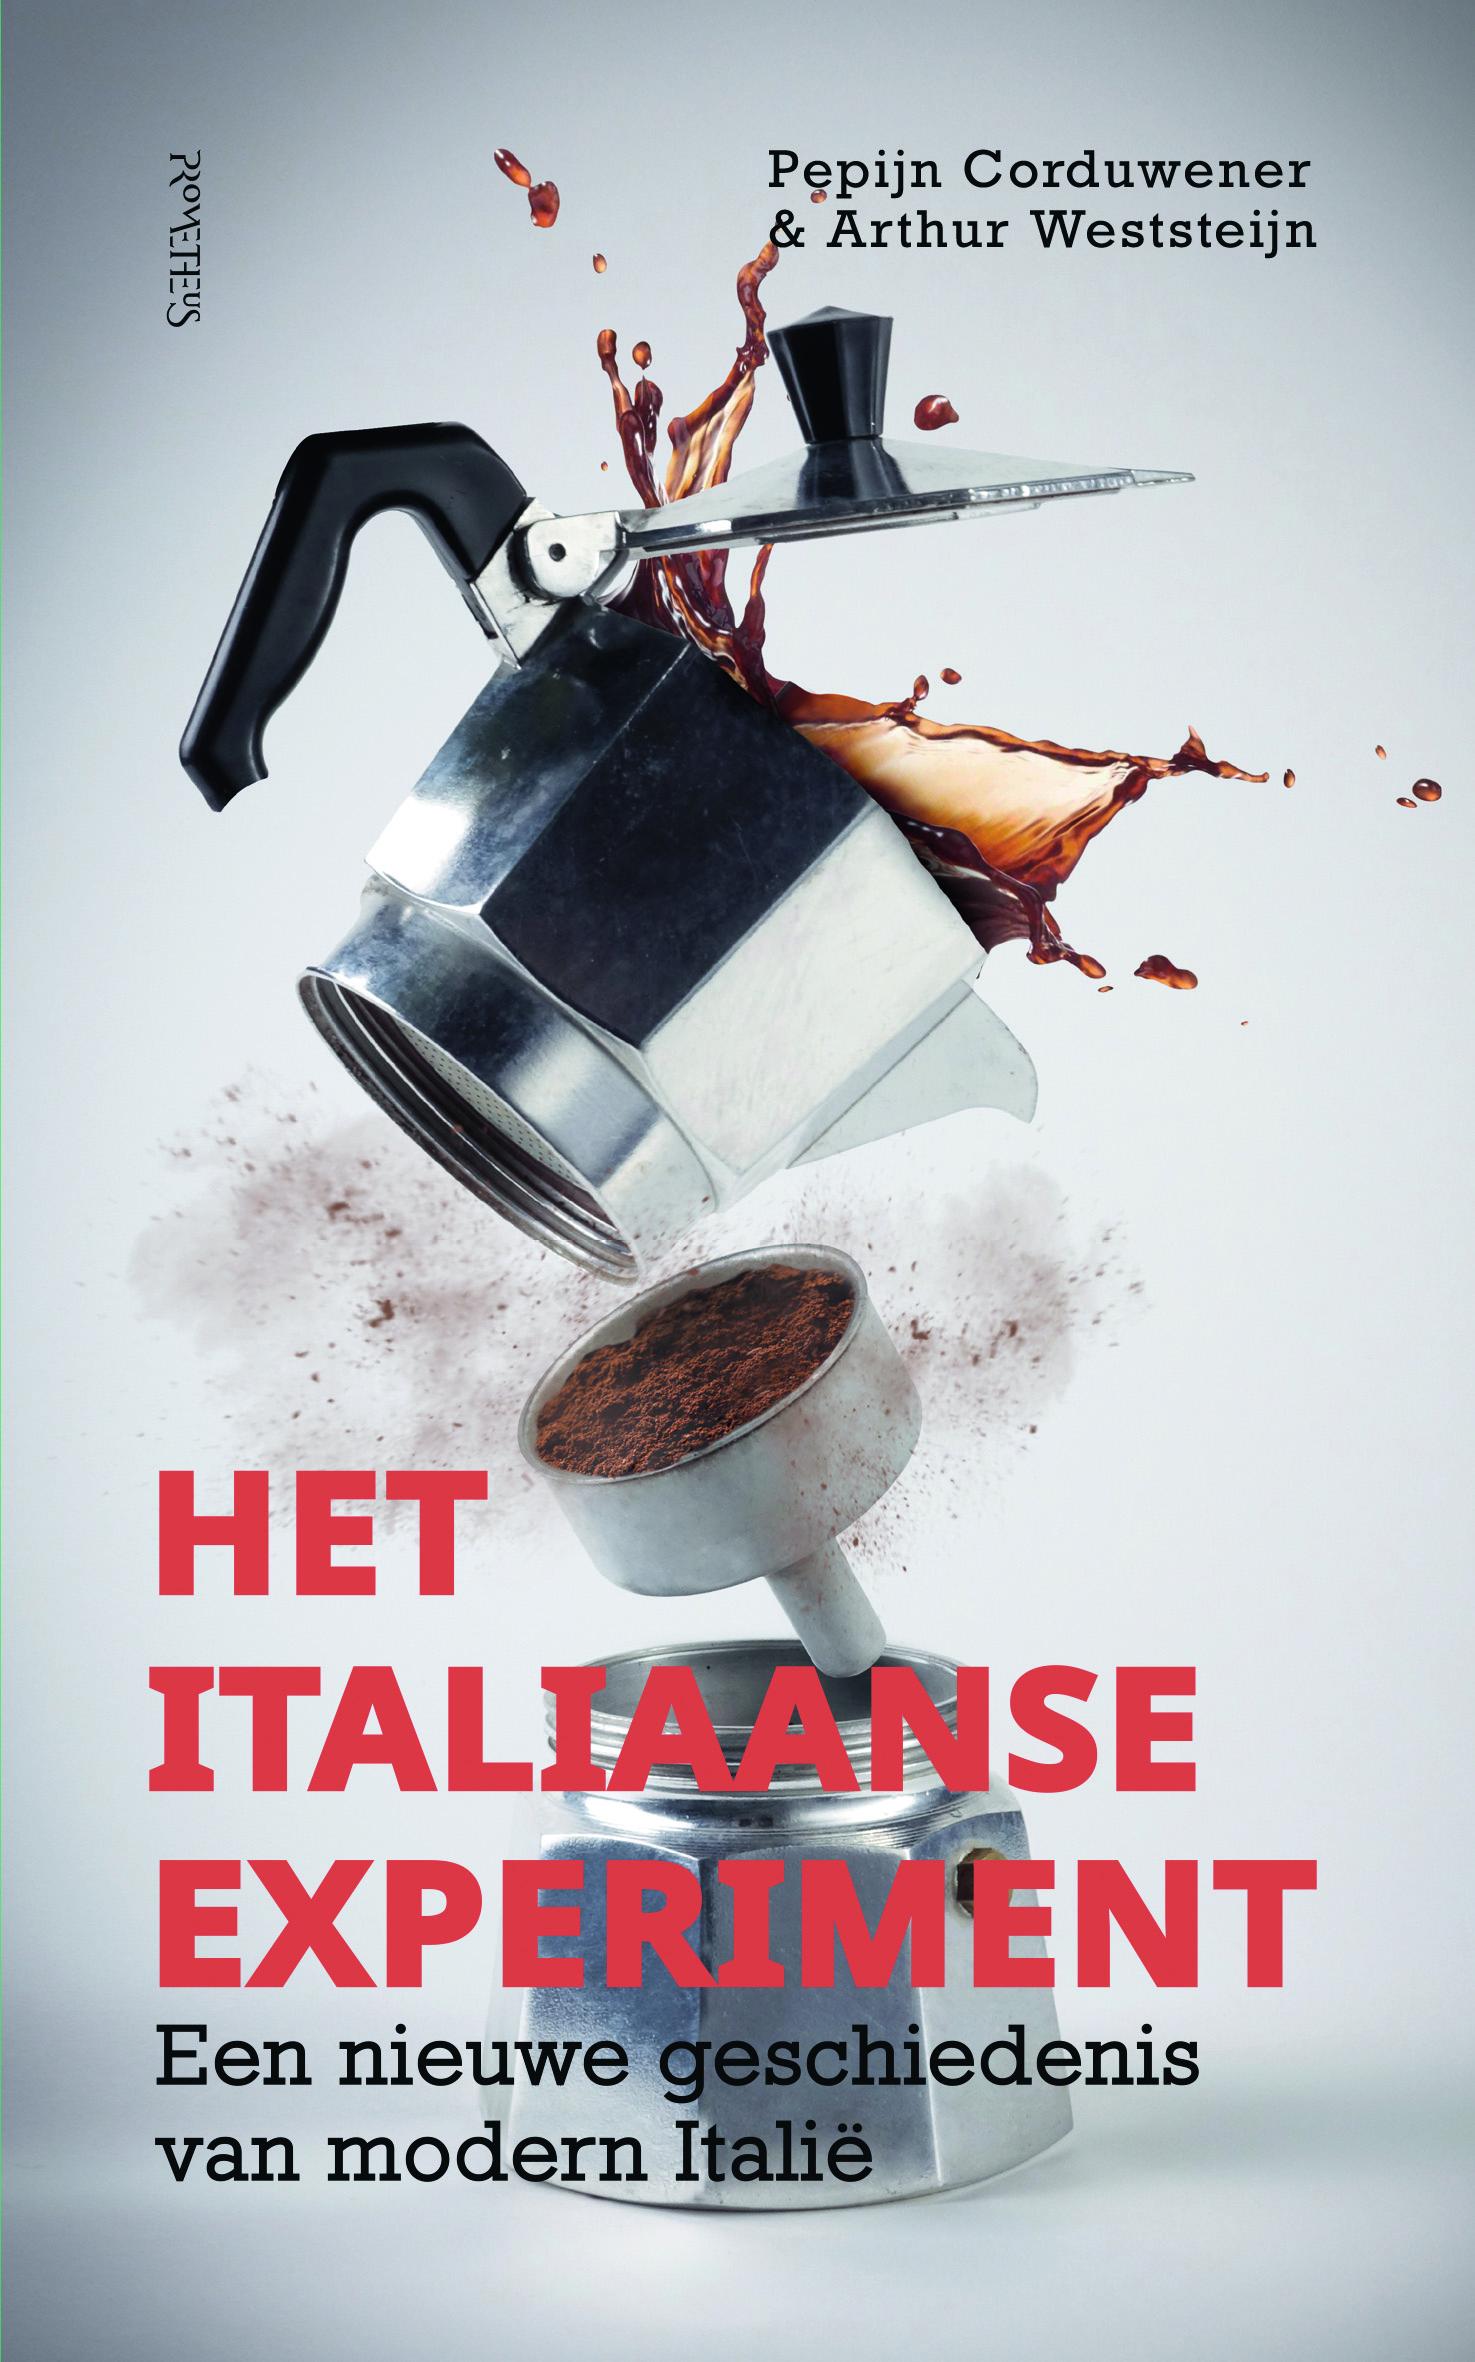 Het Italiaanse experiment - boekenflits.nl